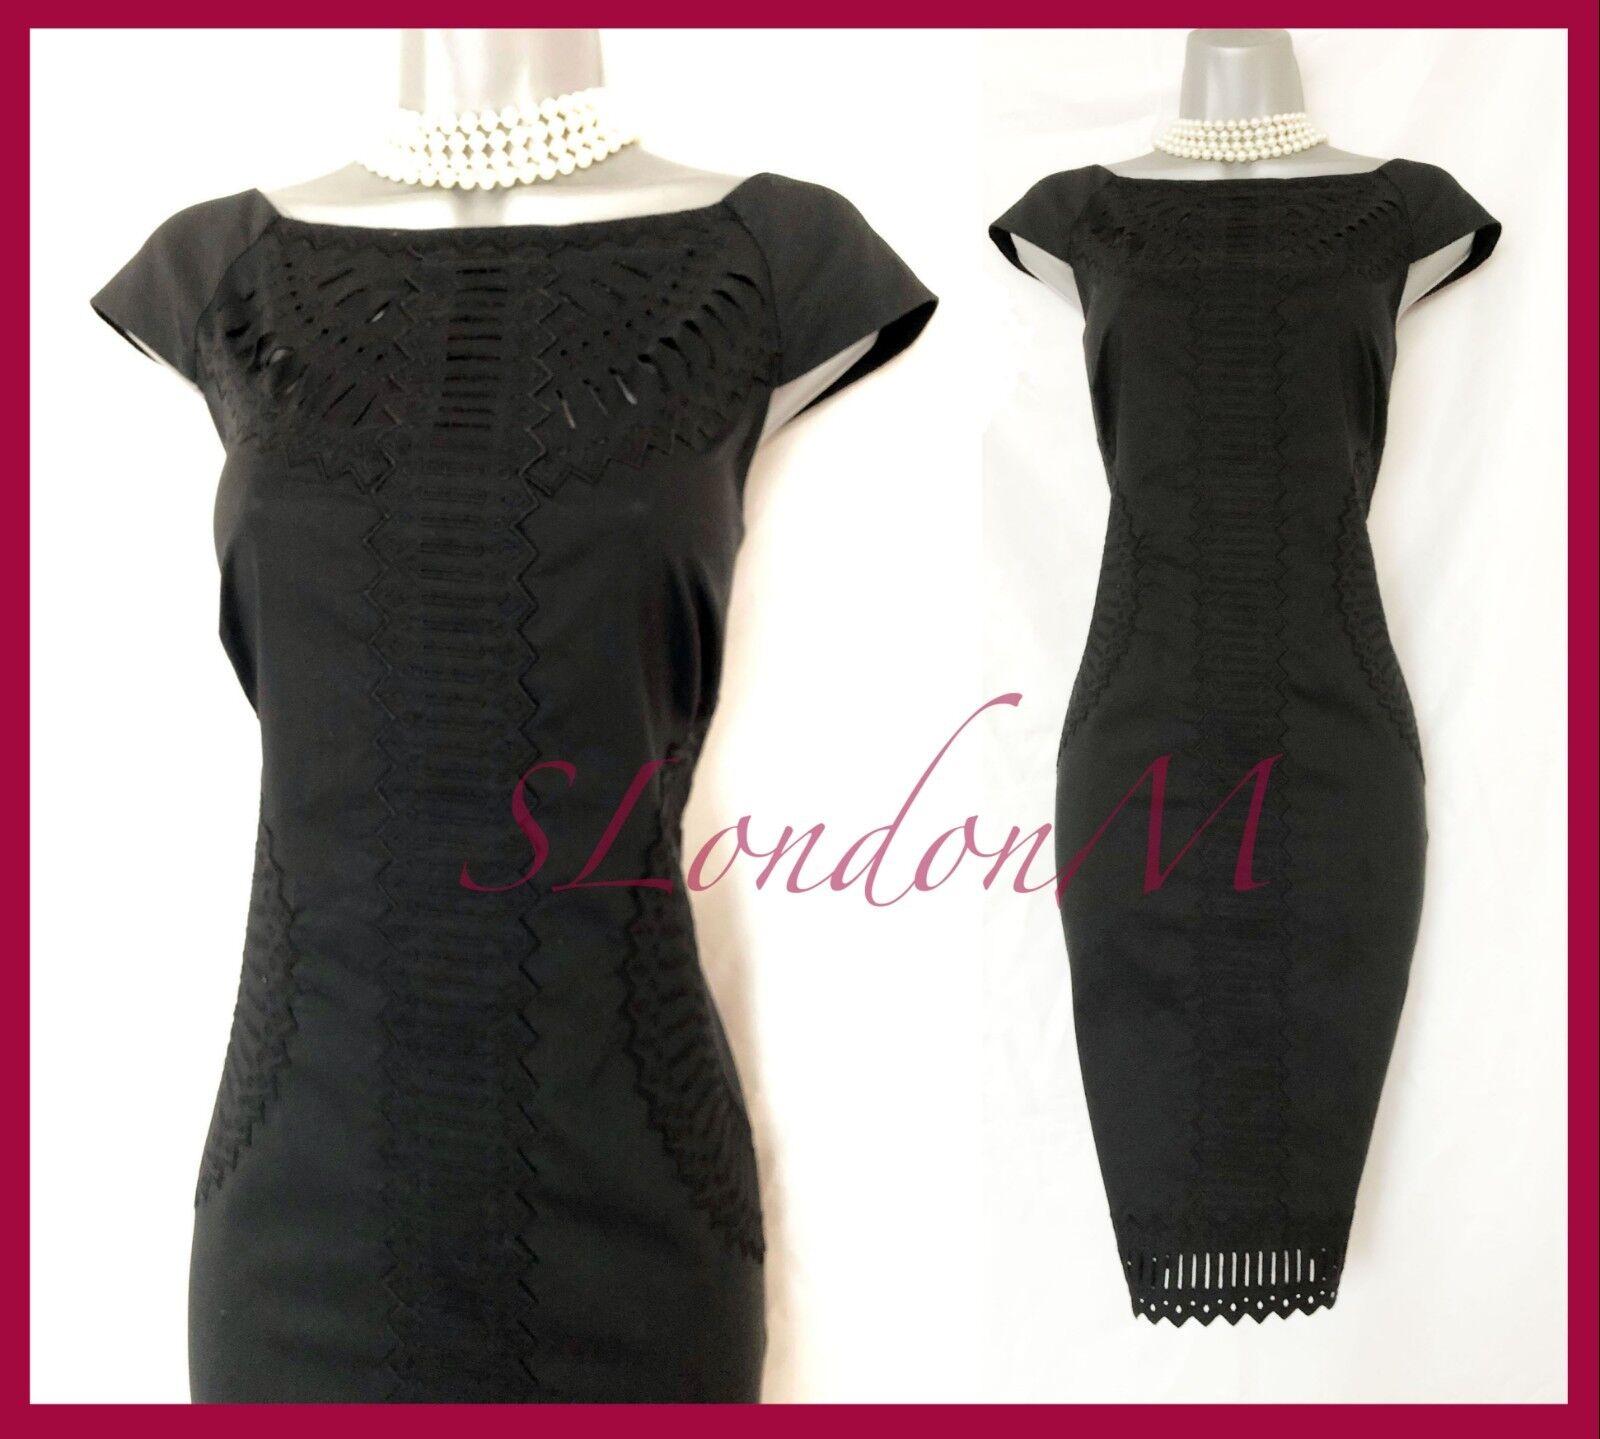 Karen Millen schwarz Cotton Embroiderot Broderie Anglaise  Dress